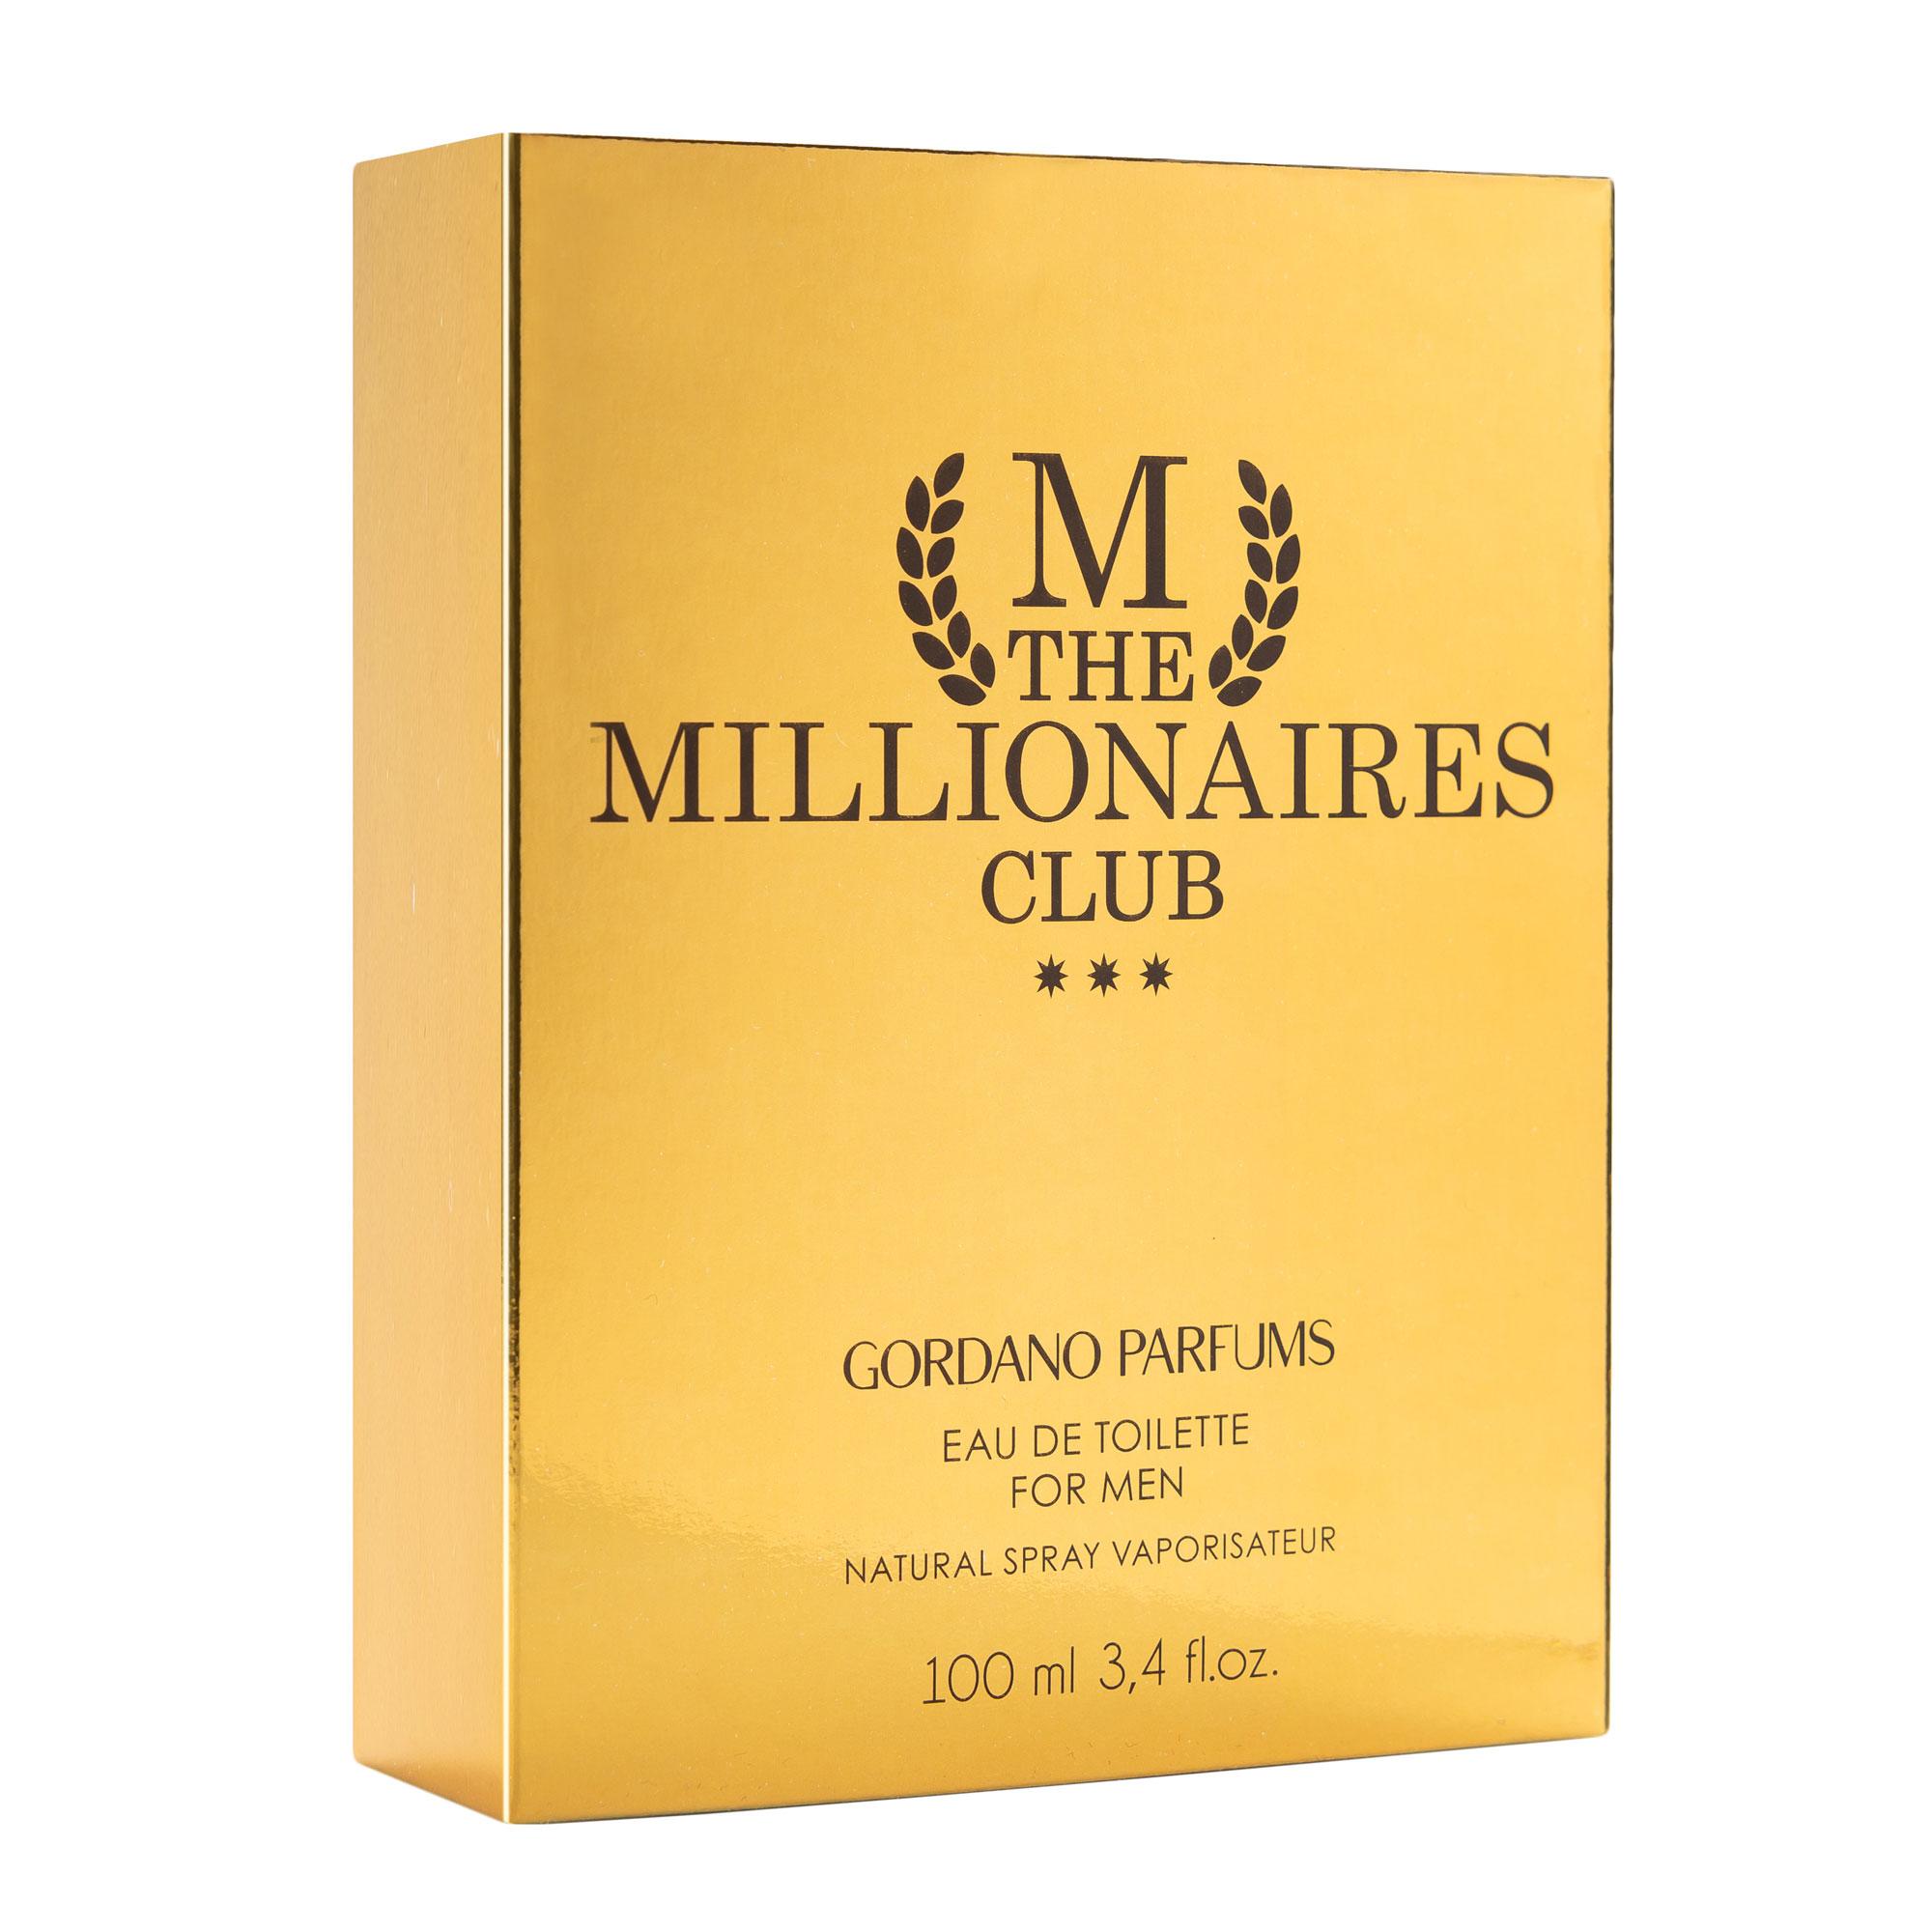 MILIONAIRE-3 (1)